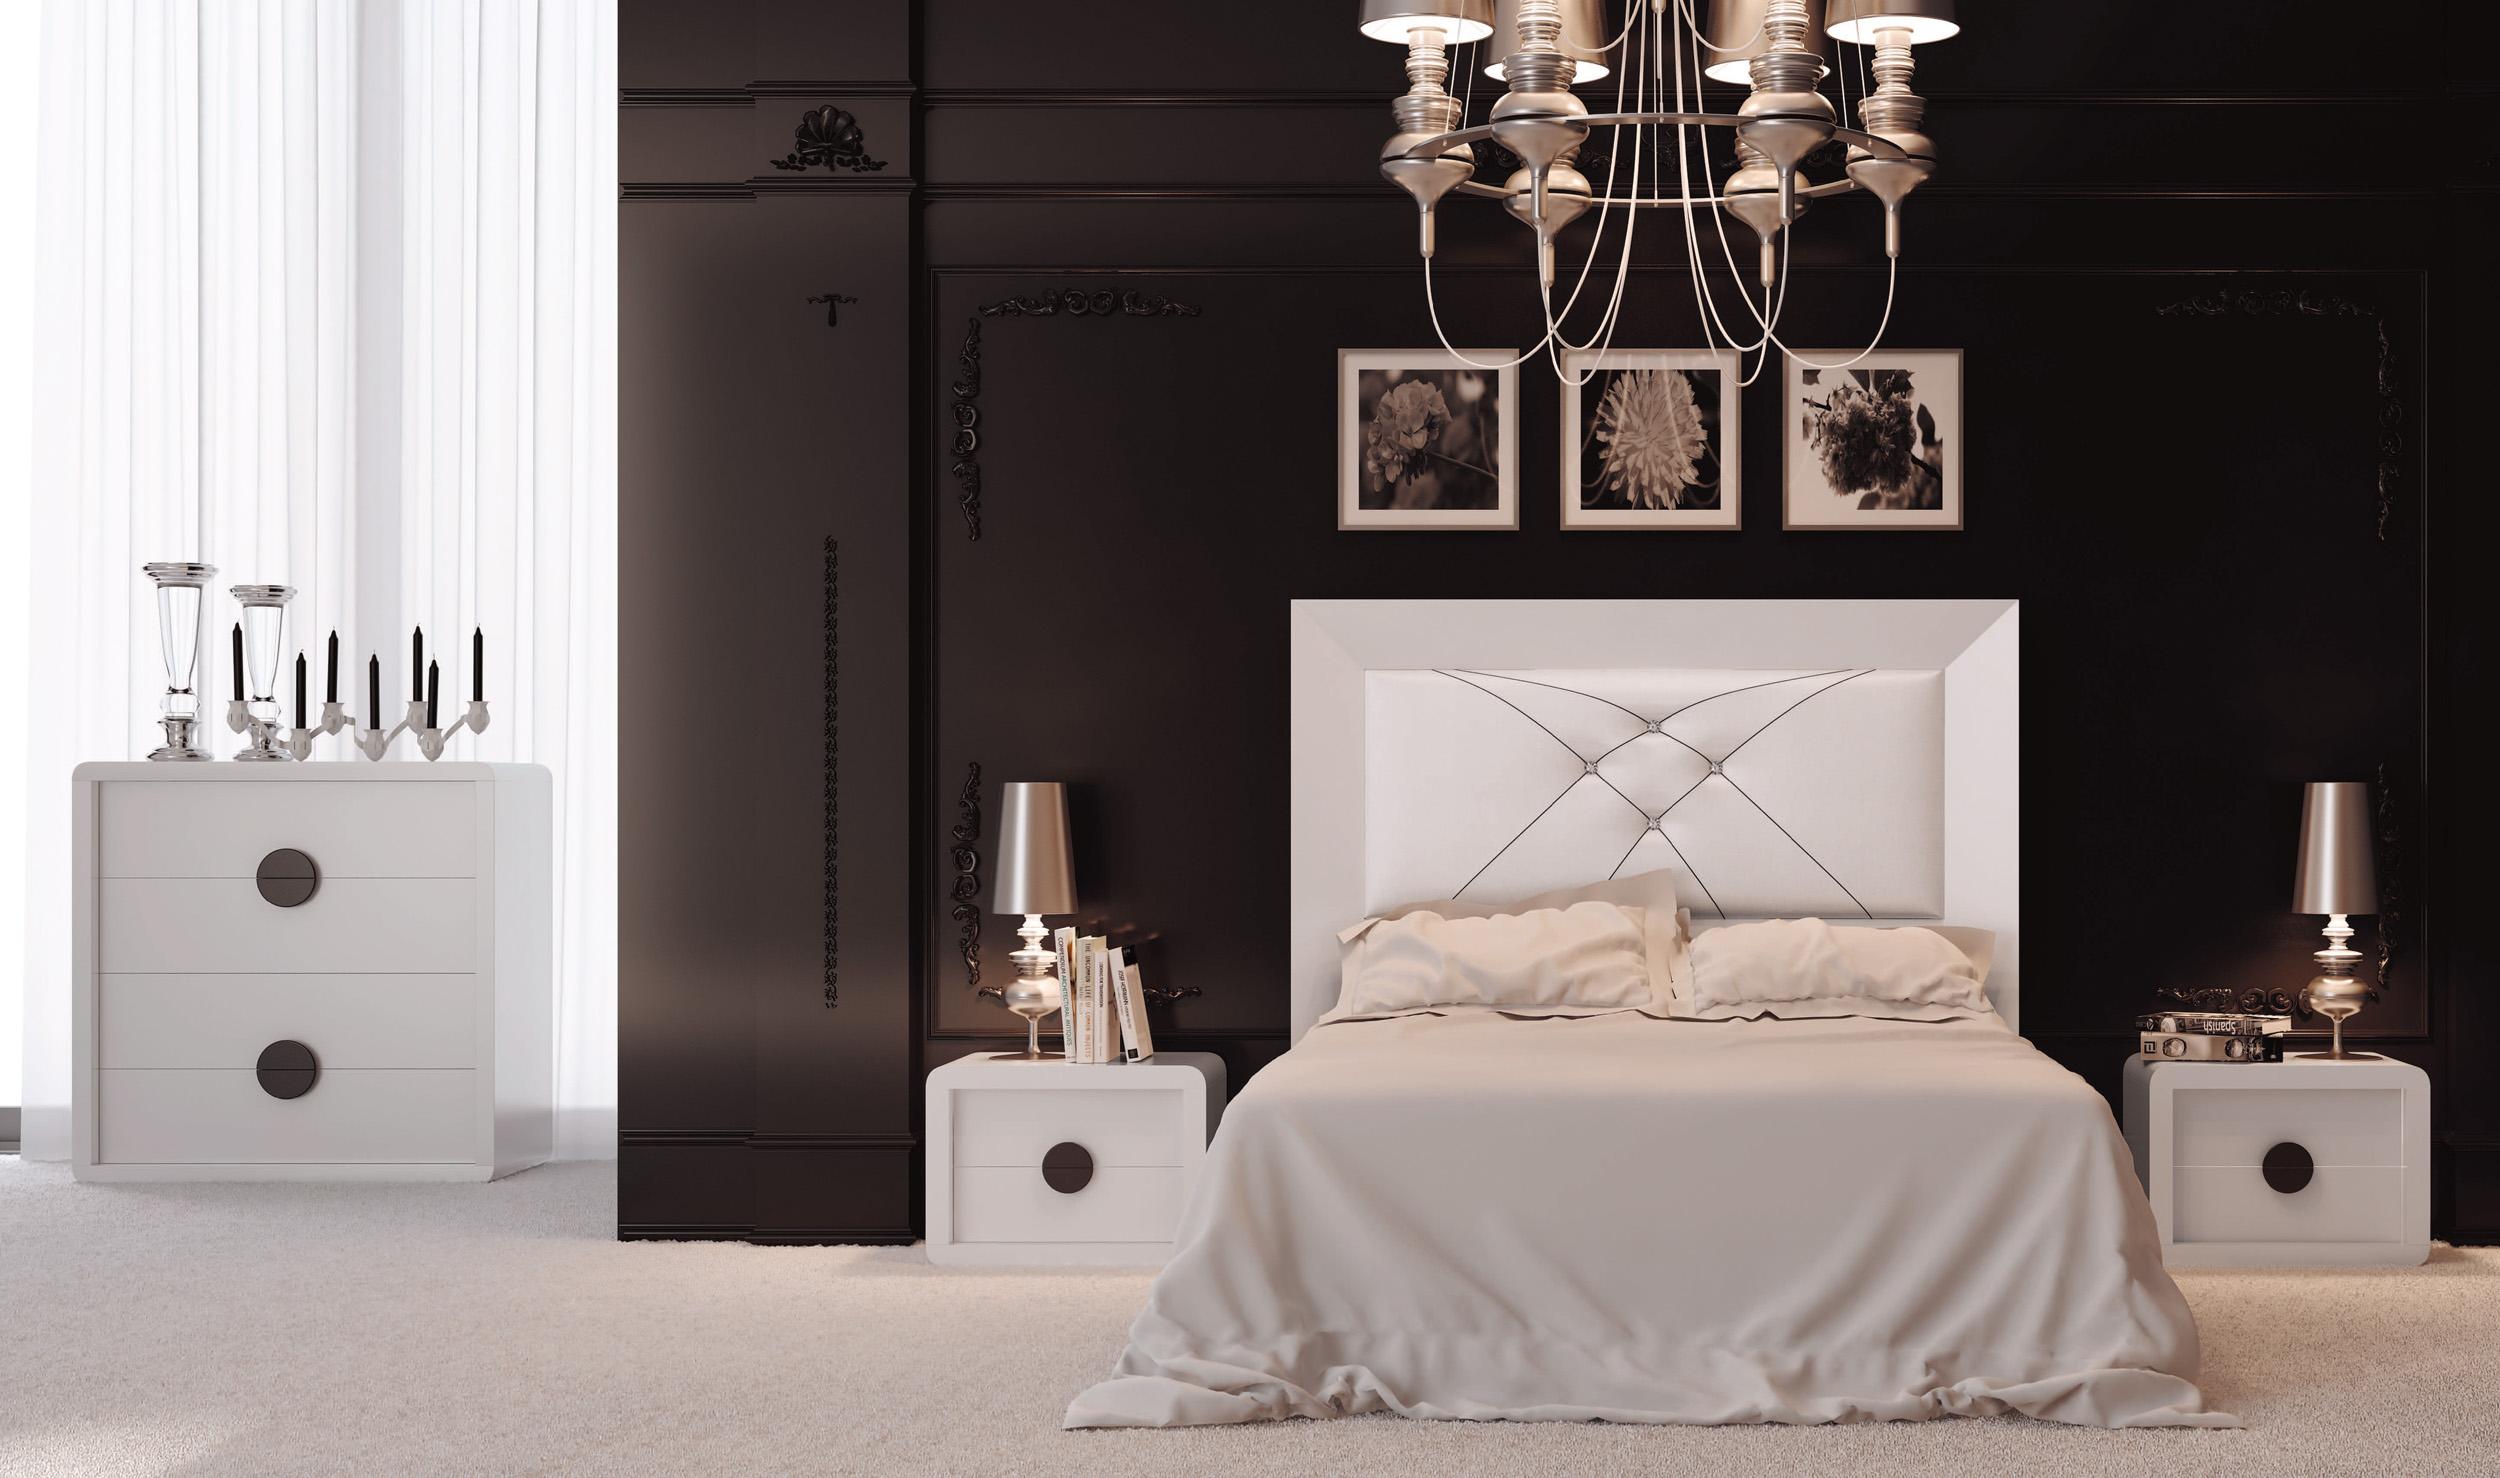 Dormitorios Coloniales Y Neoclasicos Artemueble ~ Dormitorios Romanticos Matrimonio